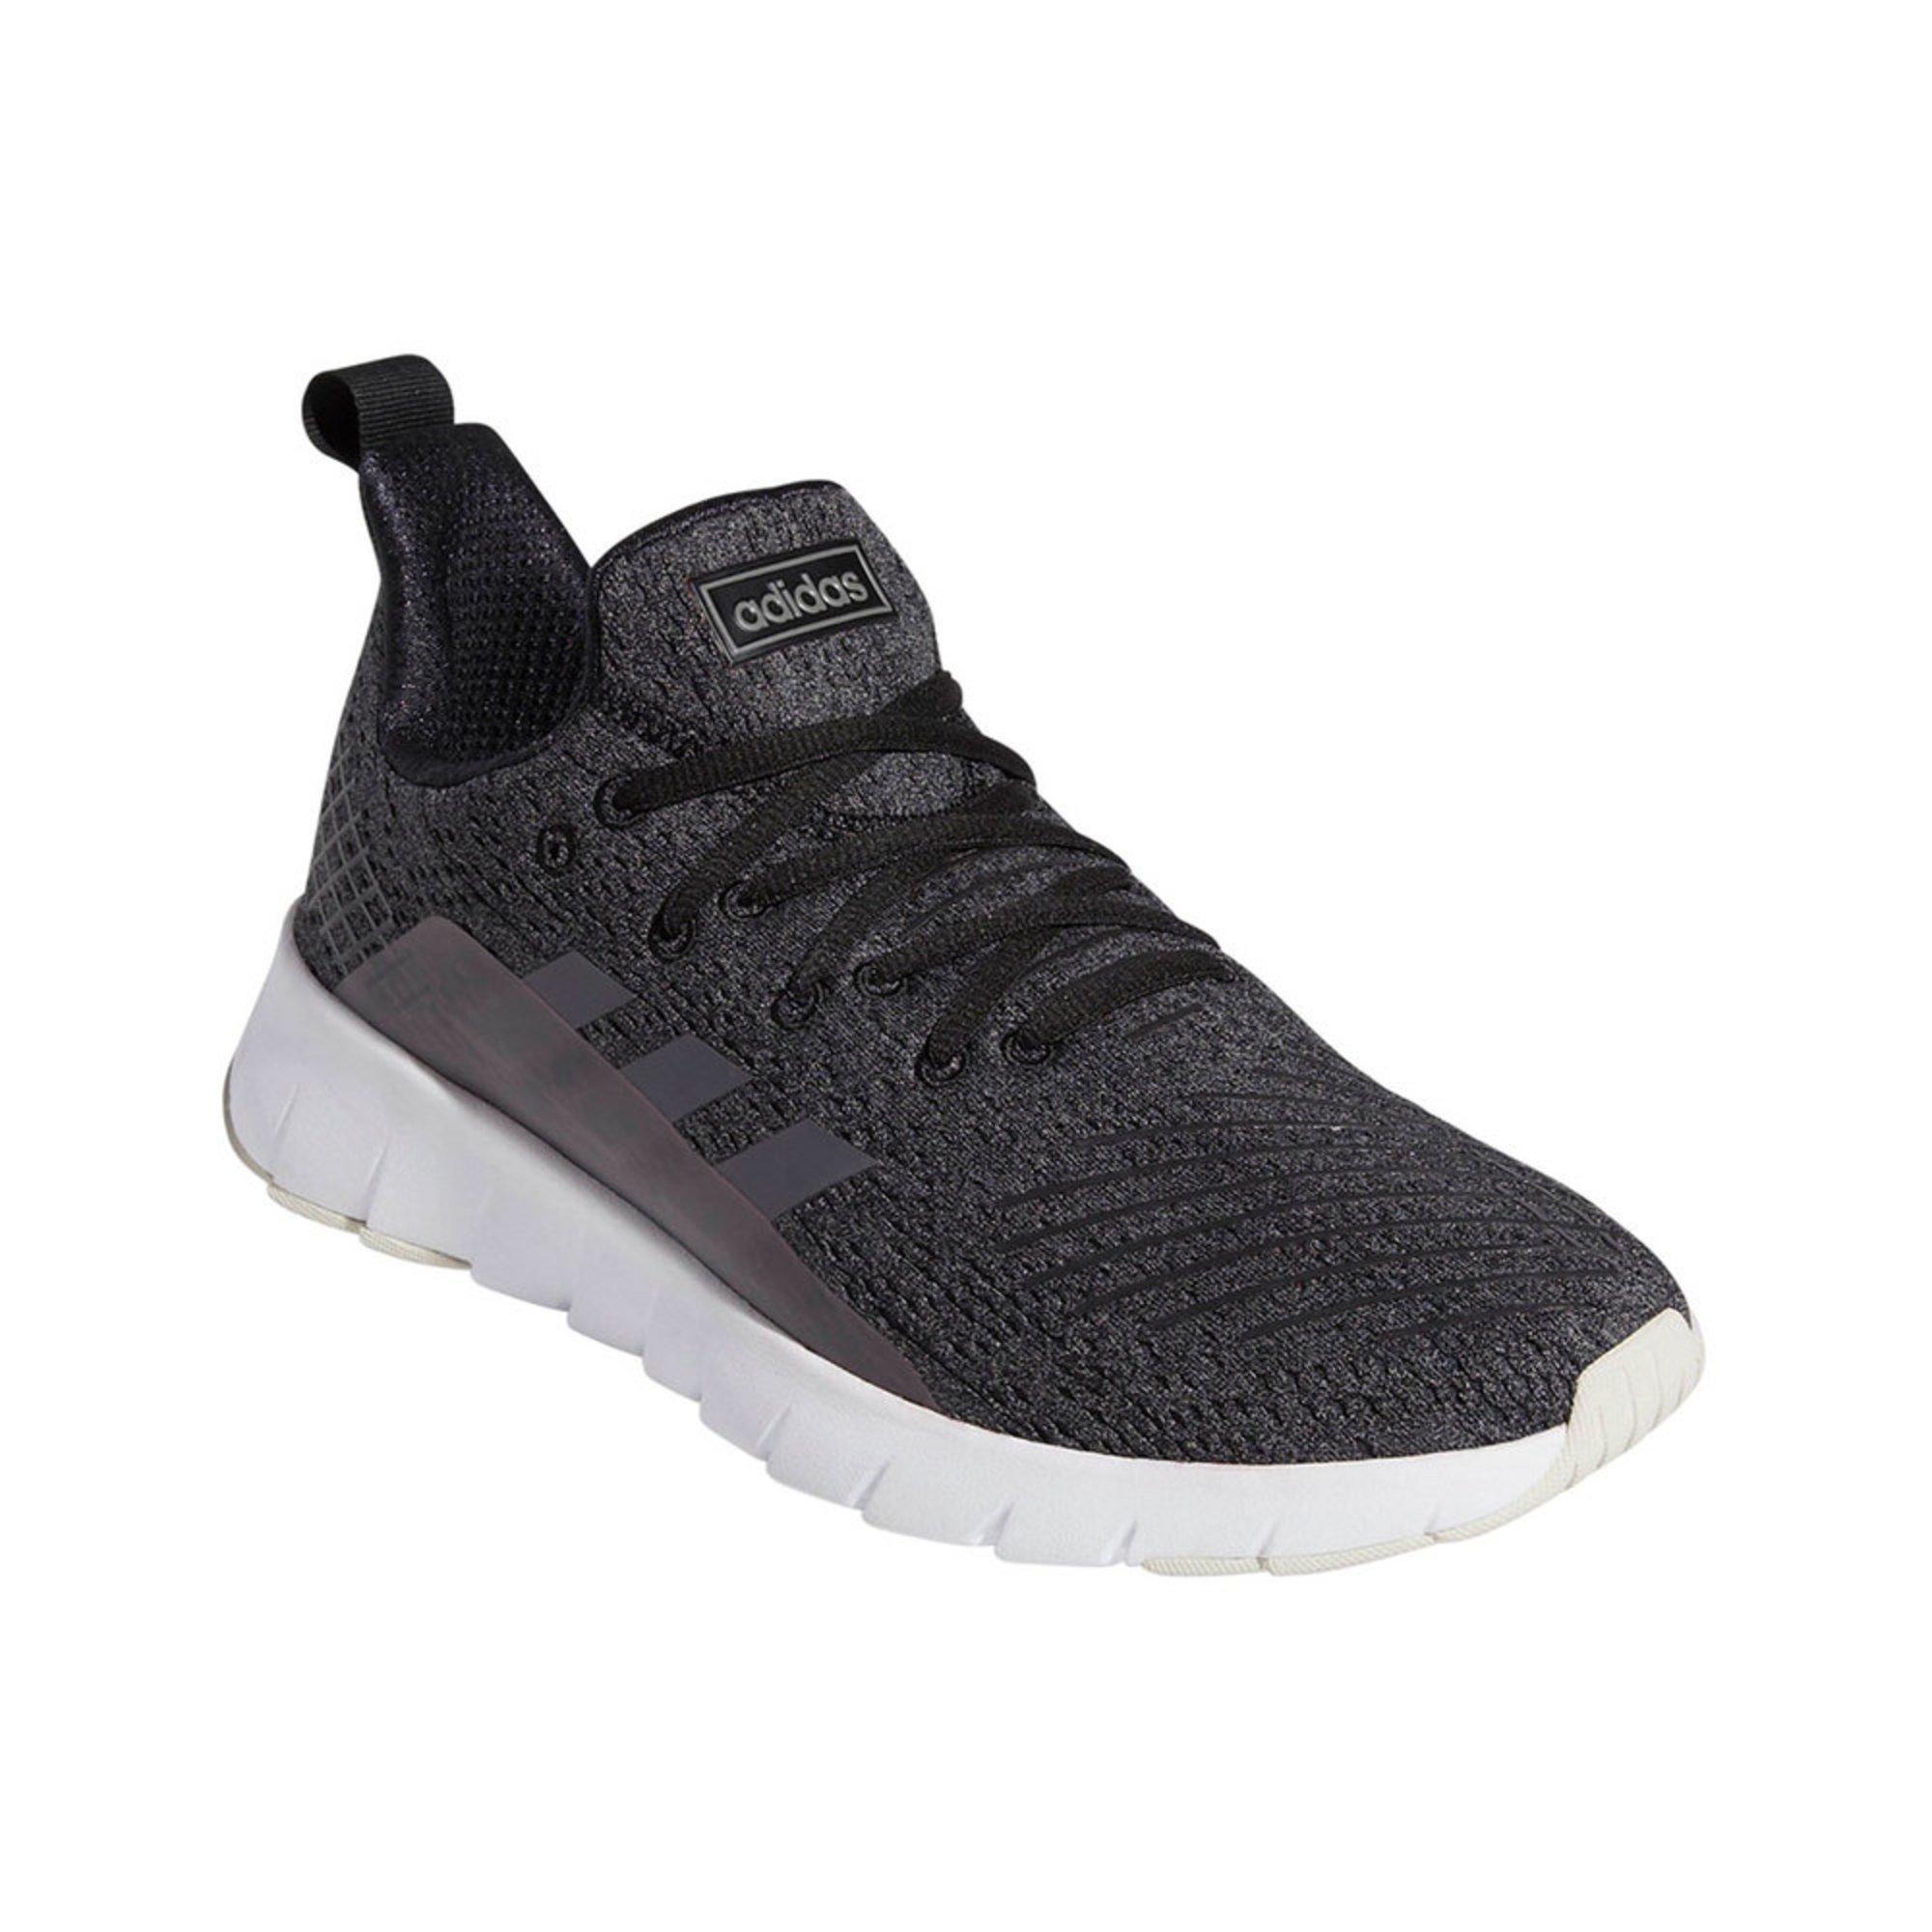 de851ed16b Adidas Men's Asweego Running Shoe | Men's Running Shoes | Shoes ...